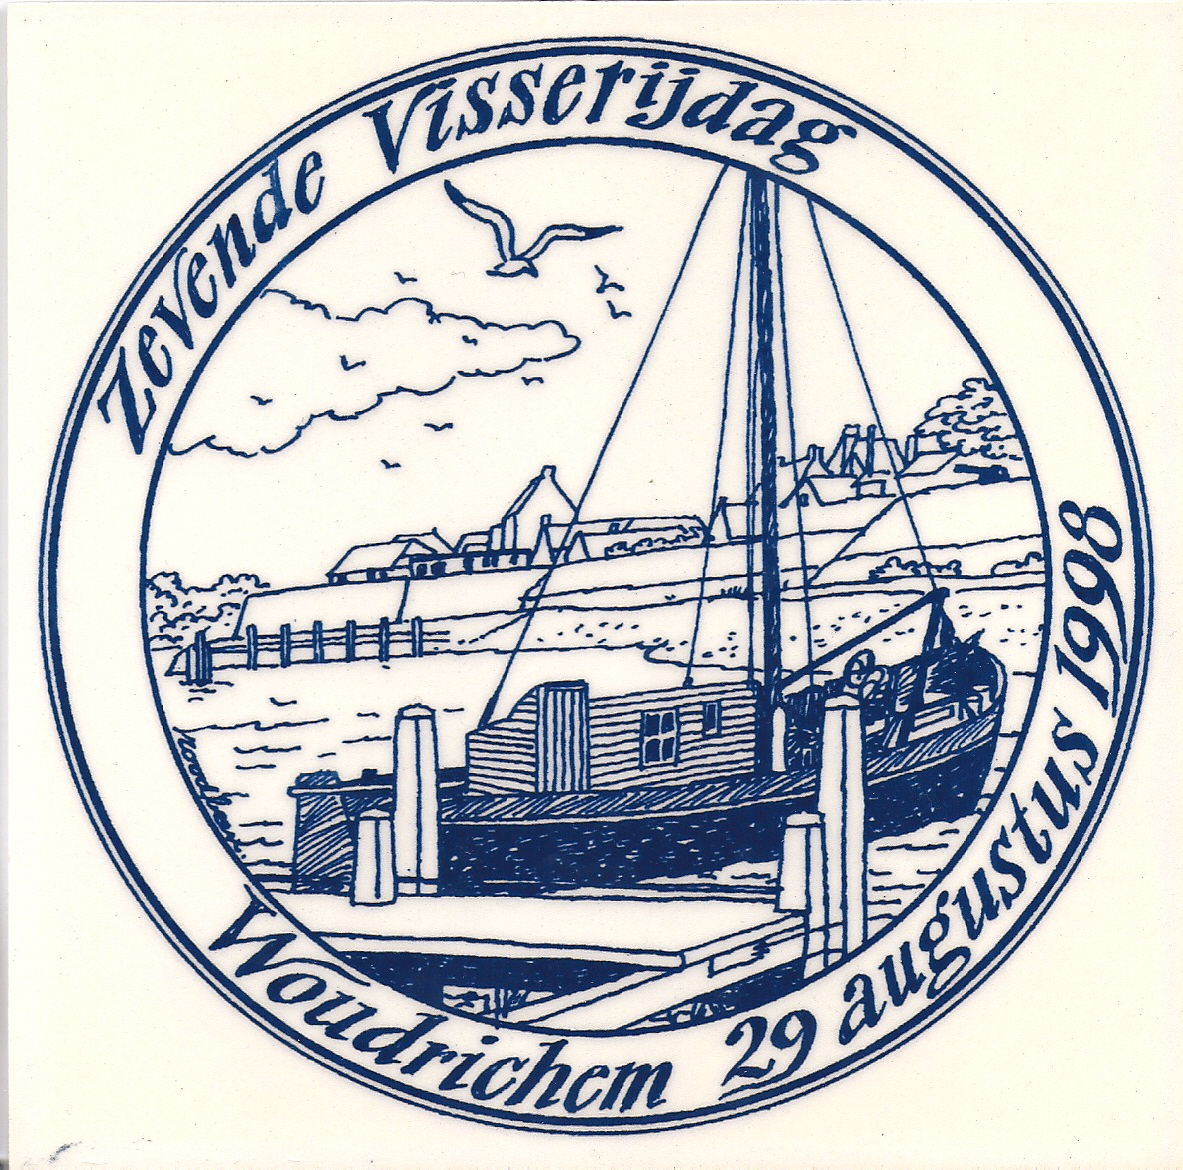 08 TEGE-018 Zevende visserdagen 1998